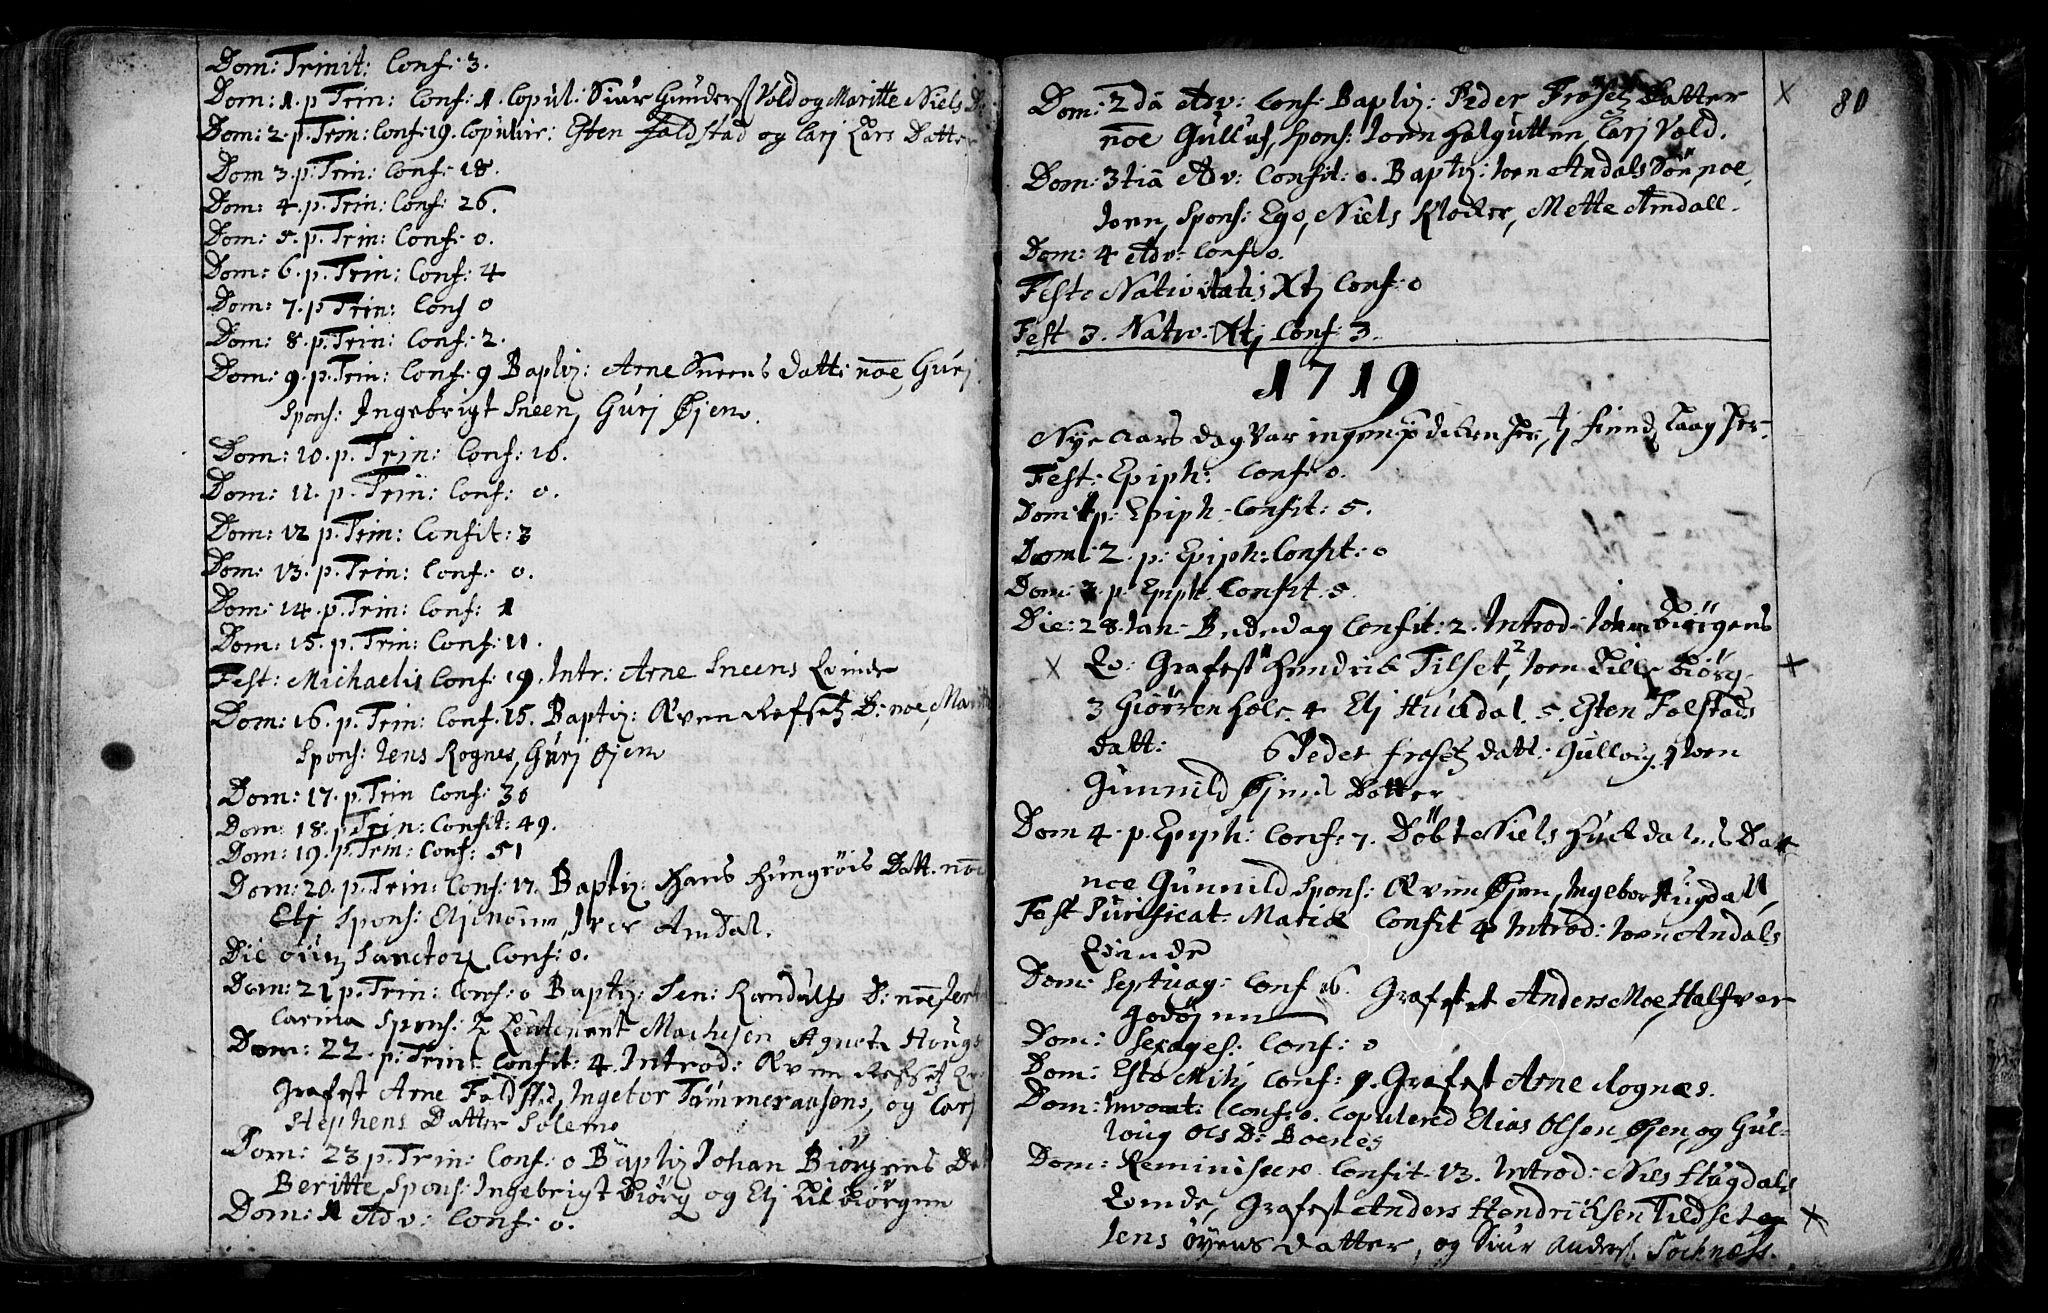 SAT, Ministerialprotokoller, klokkerbøker og fødselsregistre - Sør-Trøndelag, 687/L0990: Ministerialbok nr. 687A01, 1690-1746, s. 80